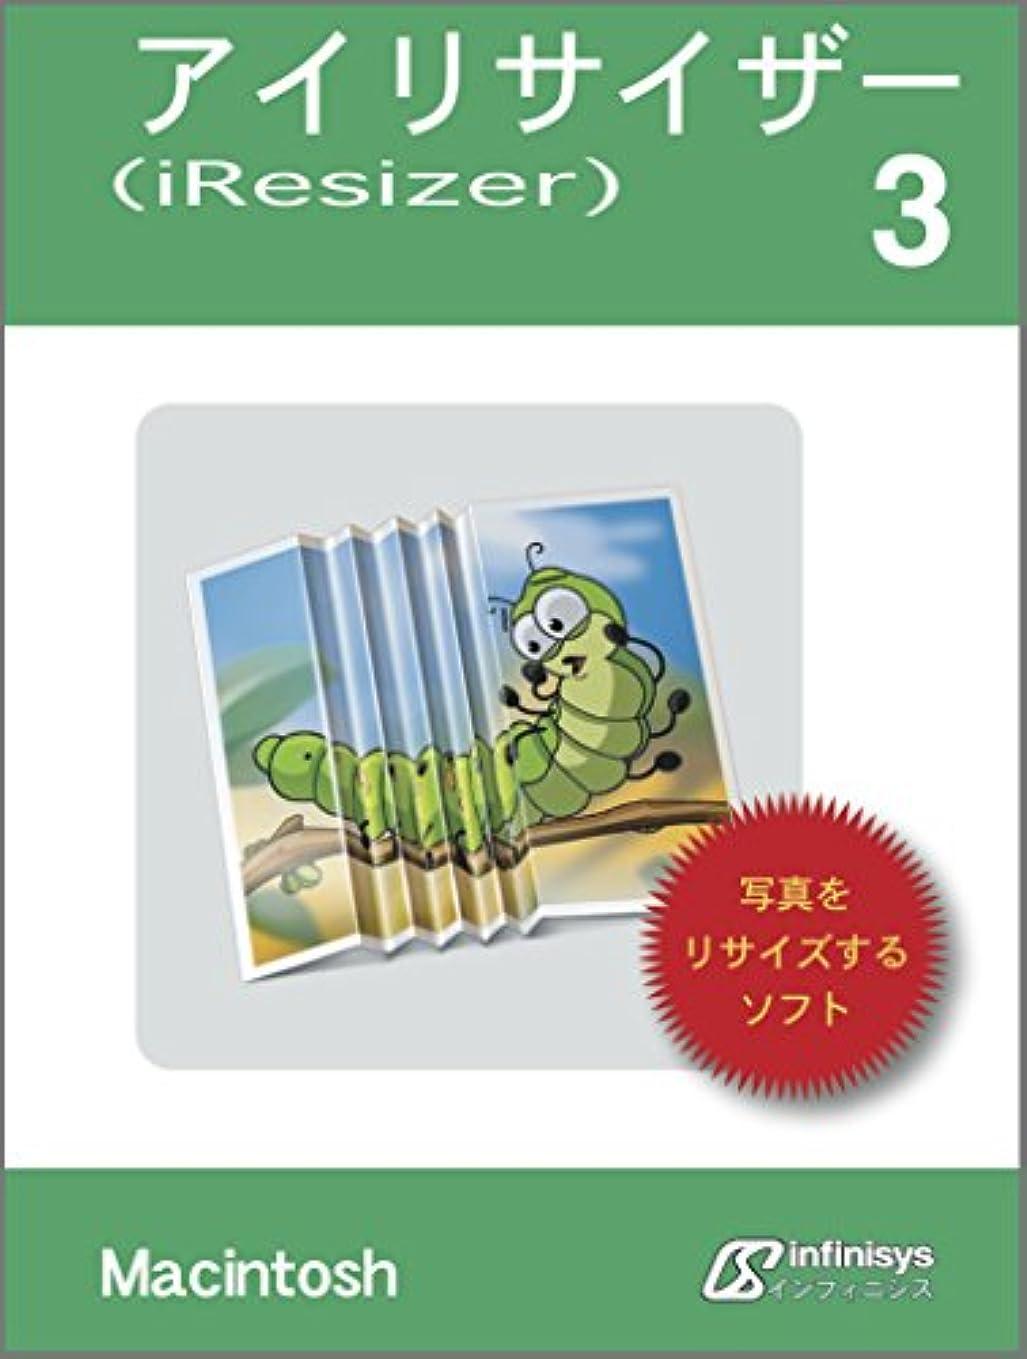 最高放棄勇敢なアイリサイザー3 Macintosh